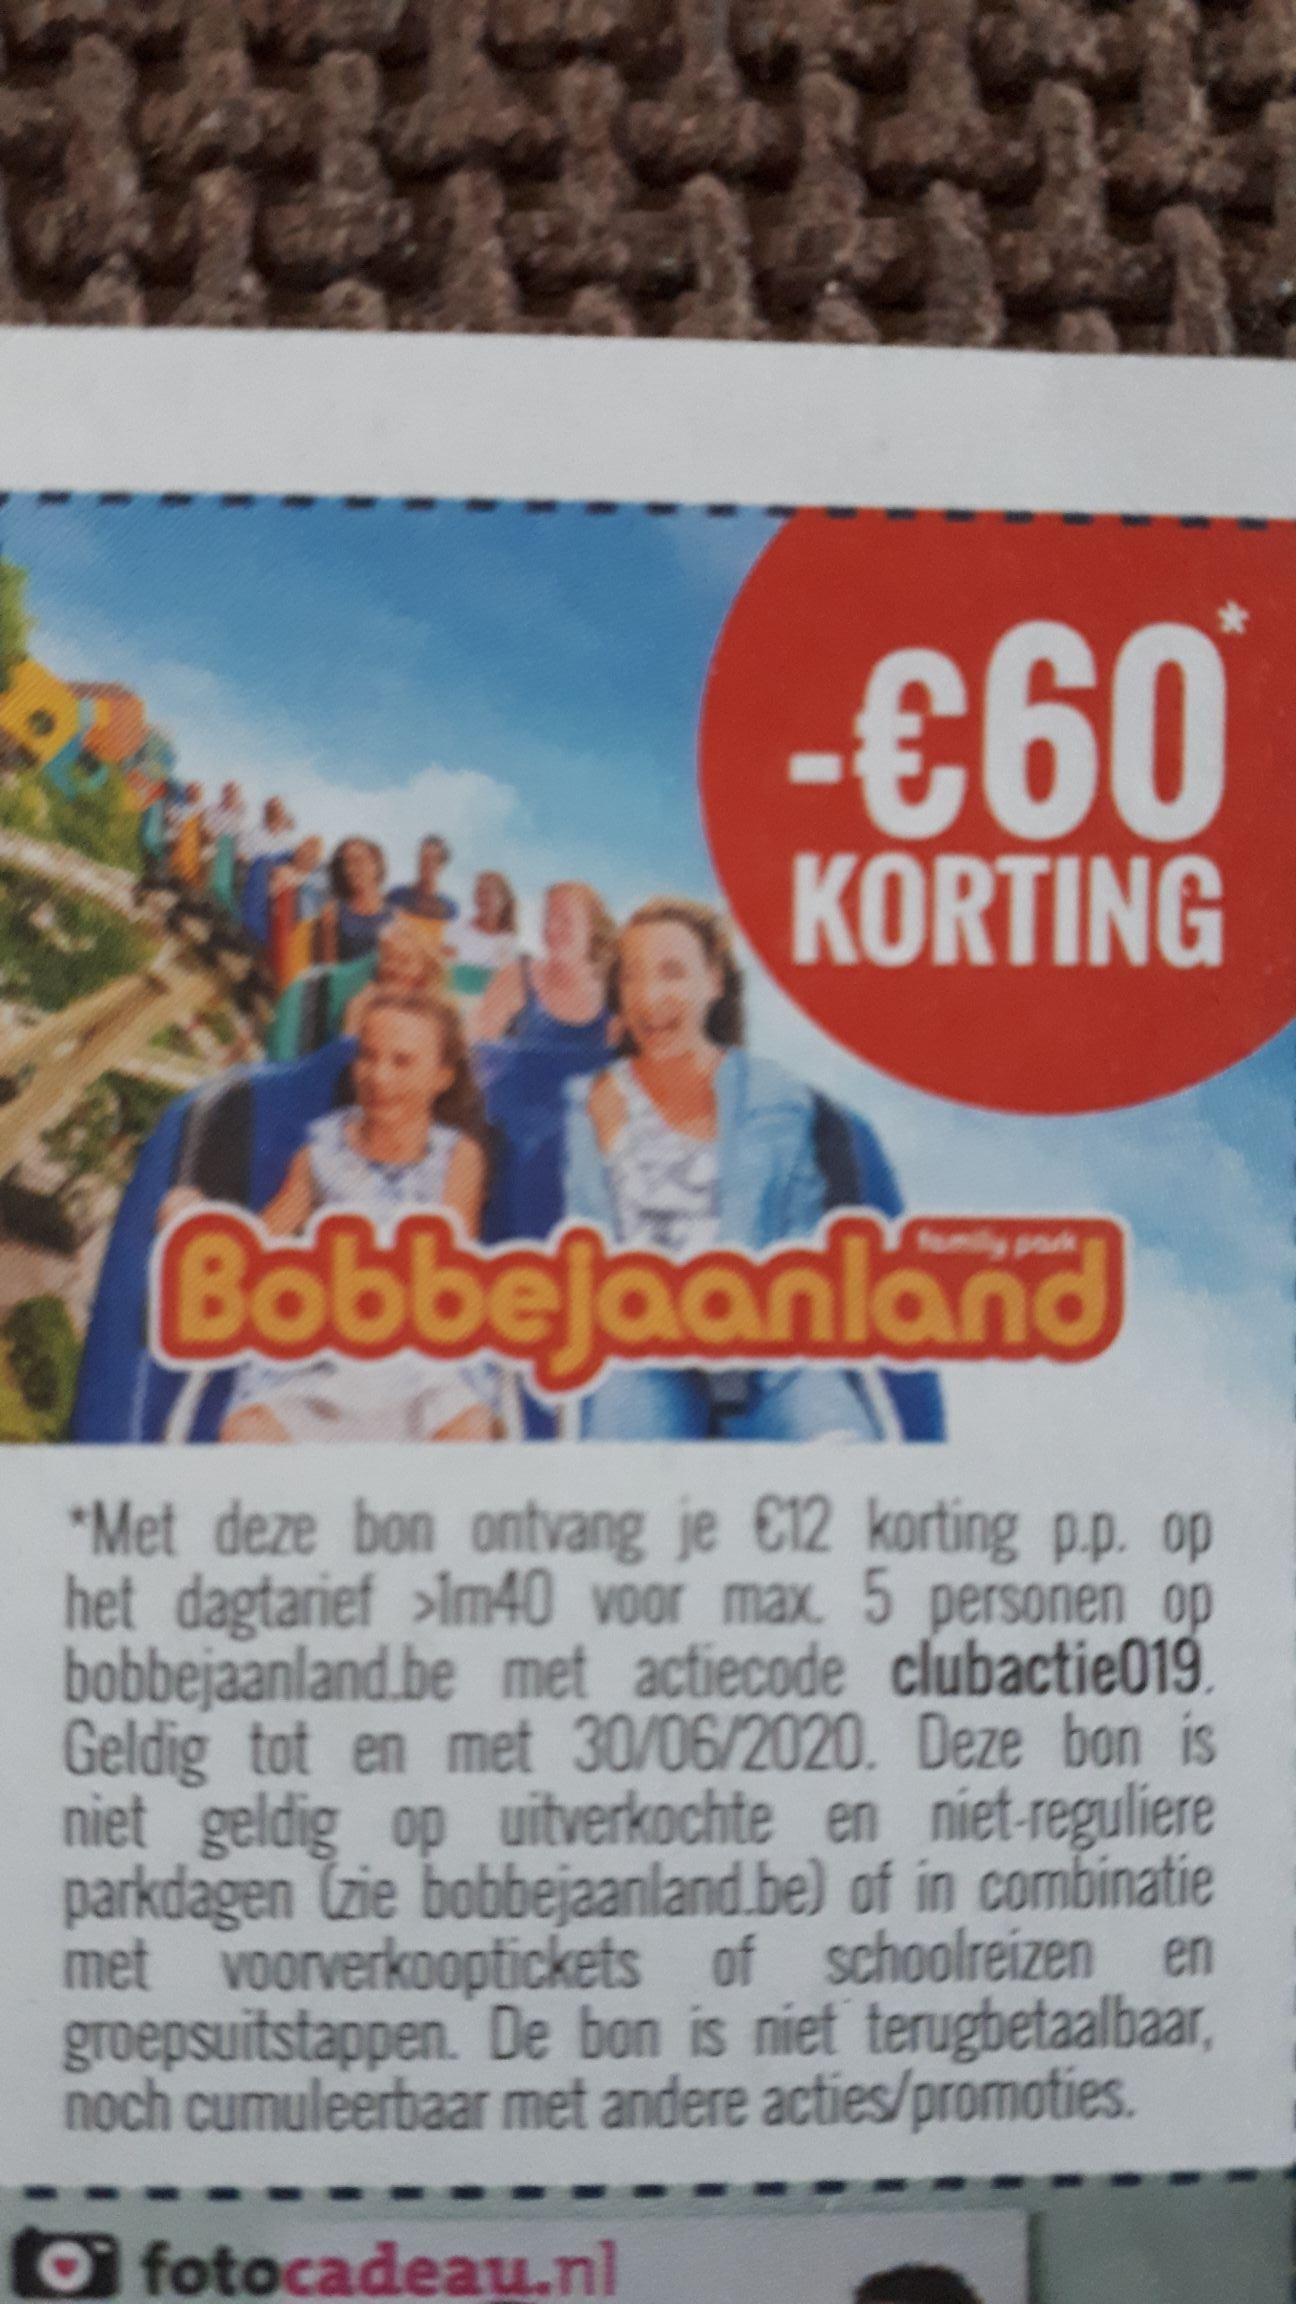 €12,- pp korting op Bobbejaanland